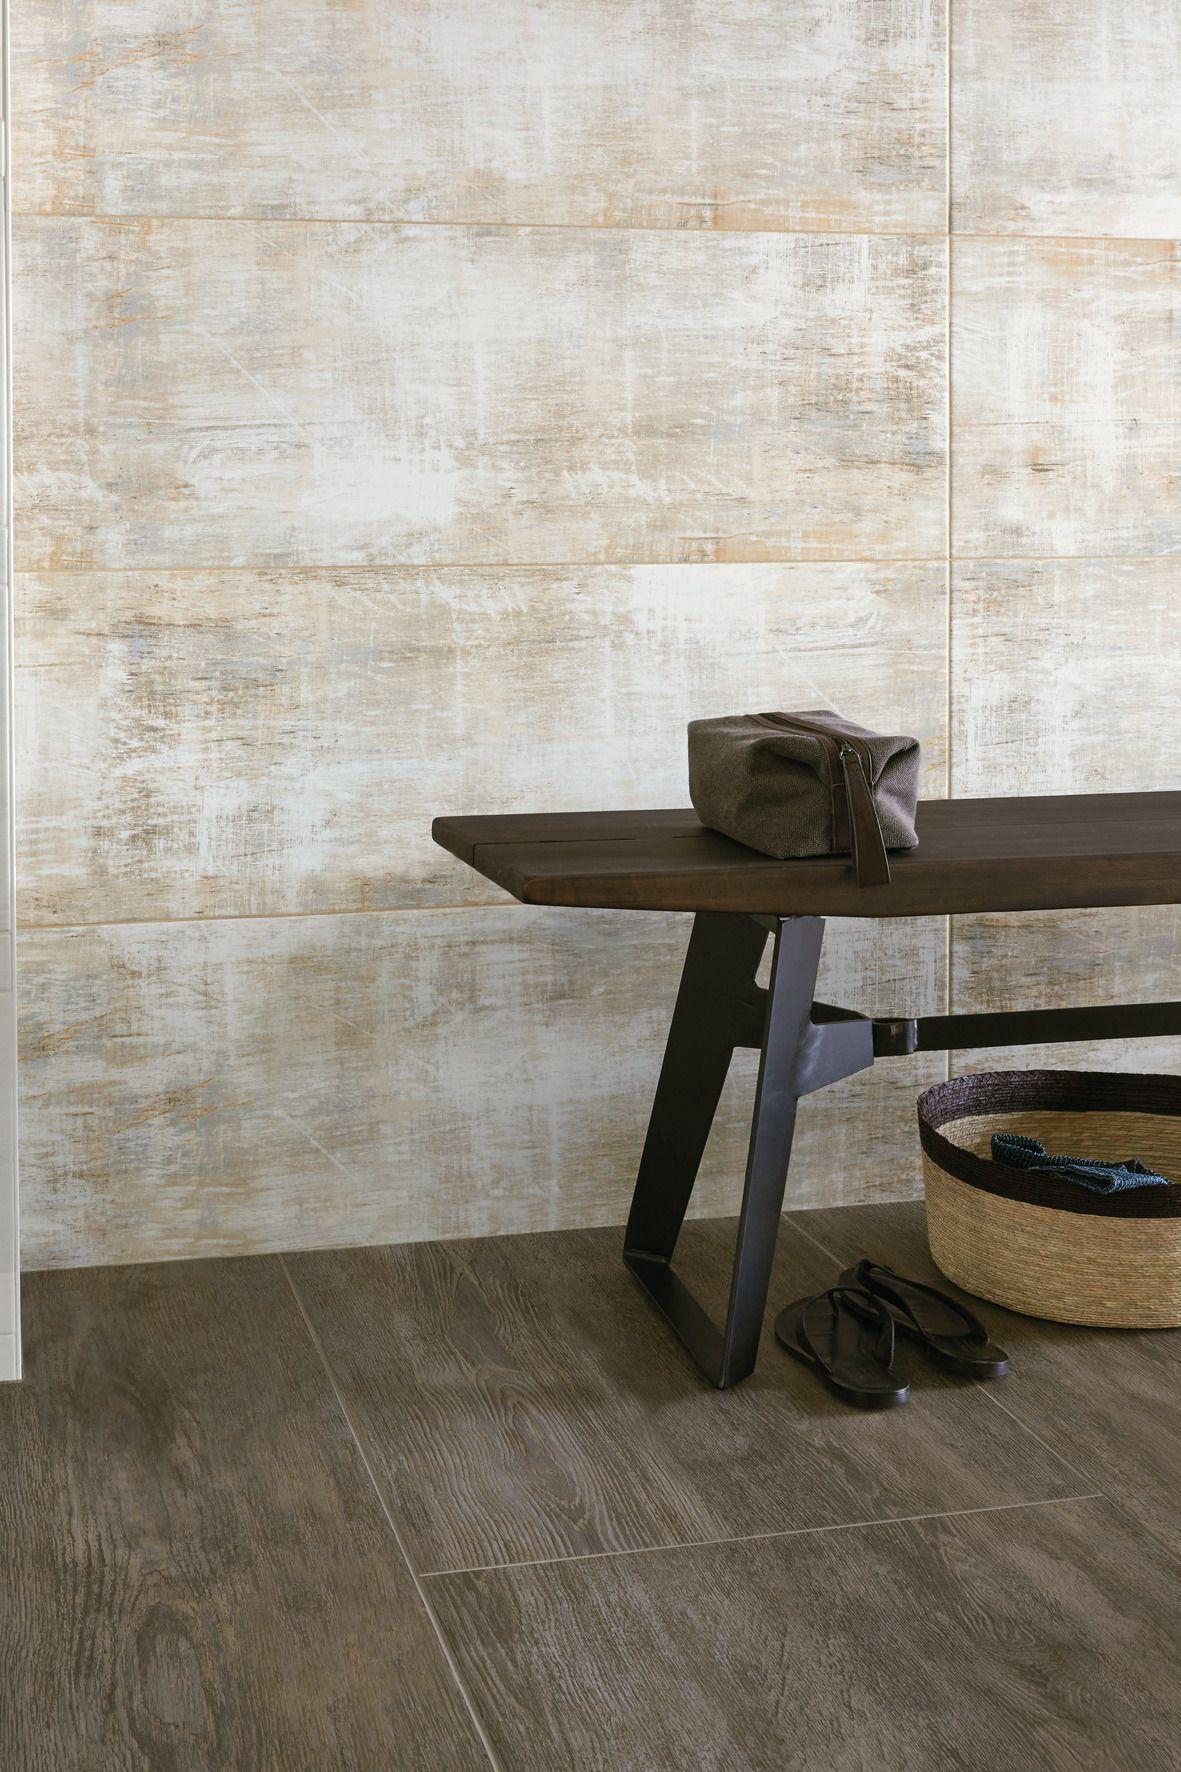 Fliesen In Holzoptik Fliesen So Wohnlich Wie Holz Interieur Modernes Esszimmer Zimmer Kuche